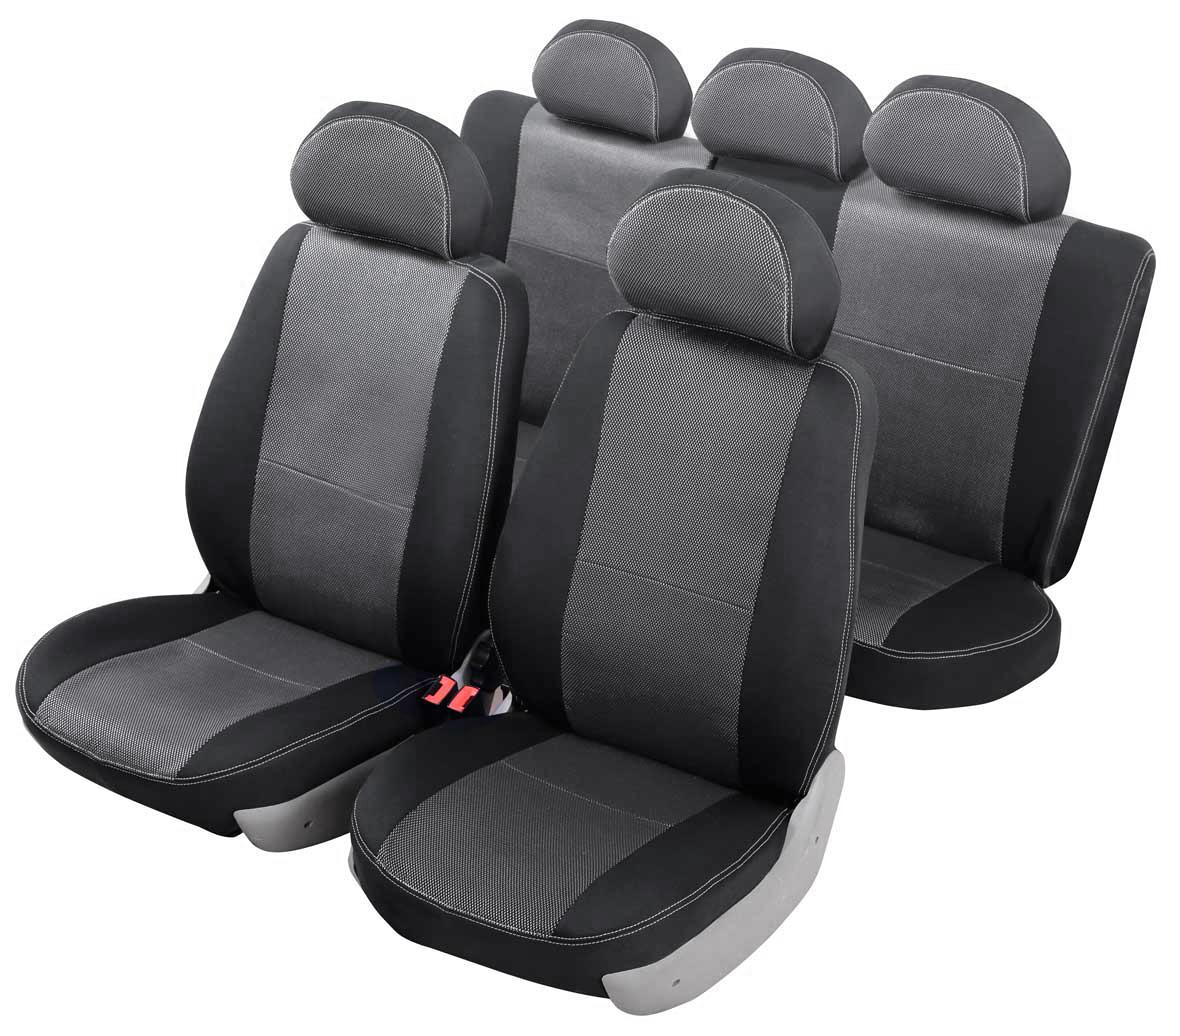 Чехол на автомобильное кресло Senator Dakkar VW POLO 2009-н.в. сед., разд.зад.ряд, цвет: черныйS3010191Разработаны в РФ индивидуально для каждой модели автомобиля. Чехлы Senator Dakkar серийно выпускаются на собственном швейном производстве в России. Чехлы идеально повторяют штатную форму сидений и выглядят как оригинальная обивка сидений. Для простоты установки используется липучка Velcro, учтены все технологические отверстия. Чехлы сохраняют полную функциональность салона – трасформация сидений, возможность установки детских кресел ISOFIX, не препятствуют работе подушек безопасности AIRBAG и подогрева сидений. Дизайн чехлов Senator Dakkar приближен к оригинальной обивке салона. Чехлы имеют вставки из жаккарда по центру переднего сиденья и на подголовниках. Декоративная контрастная прострочка по периметру авточехлов придает стильный и изысканный внешний вид интерьеру автомобиля. Чехлы Senator Dakkar изготовлены из сверхпрочного жаккарда, триплированного огнеупорным поролоном толщиной 3 мм, за счет чего чехол приобретает дополнительную мягкость. Подложка из спандбонда сохраняет...